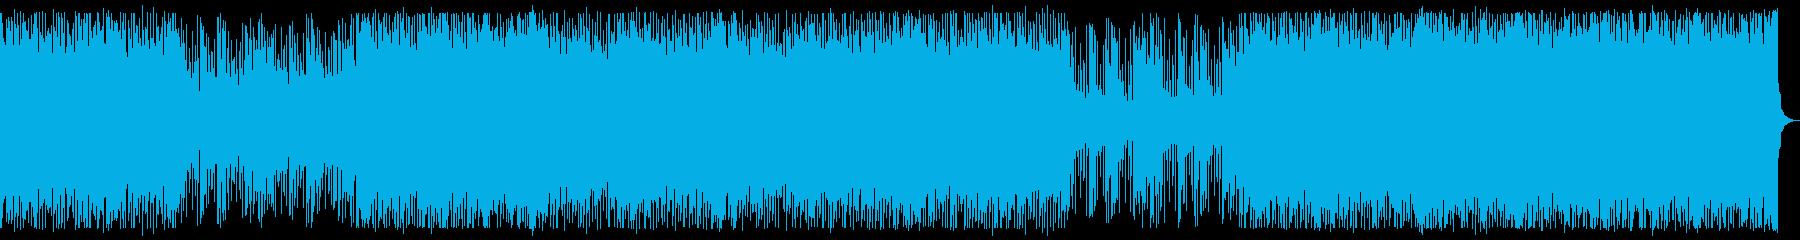 電子/疾走感/ロック_No358_1の再生済みの波形